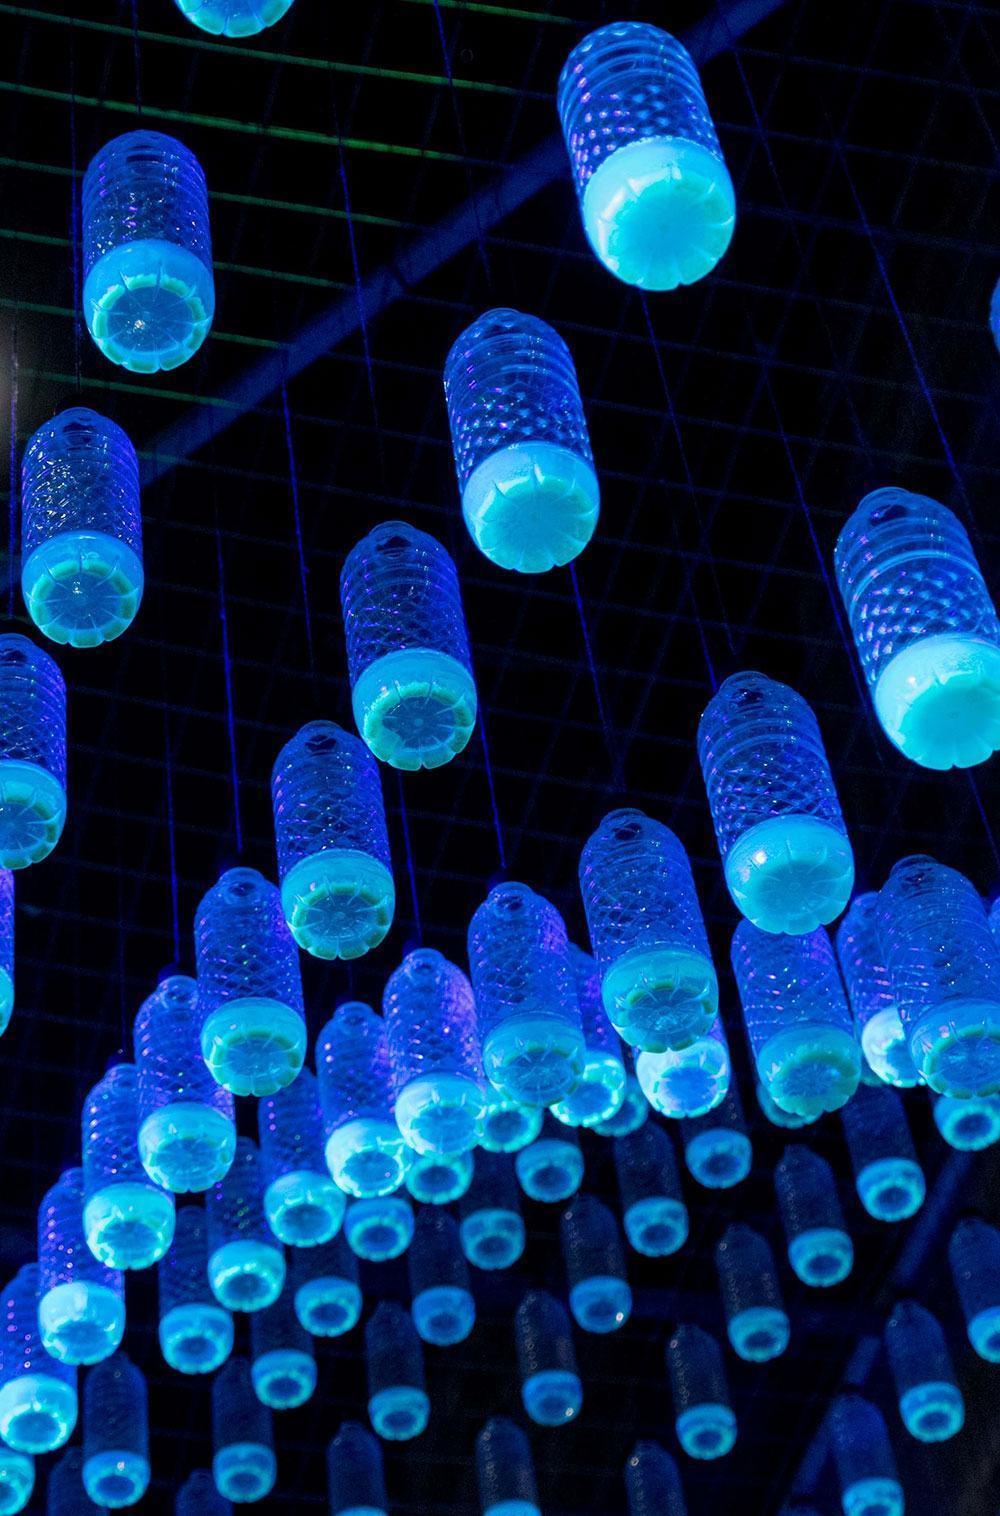 Iluminação neon com garrafas de plástico